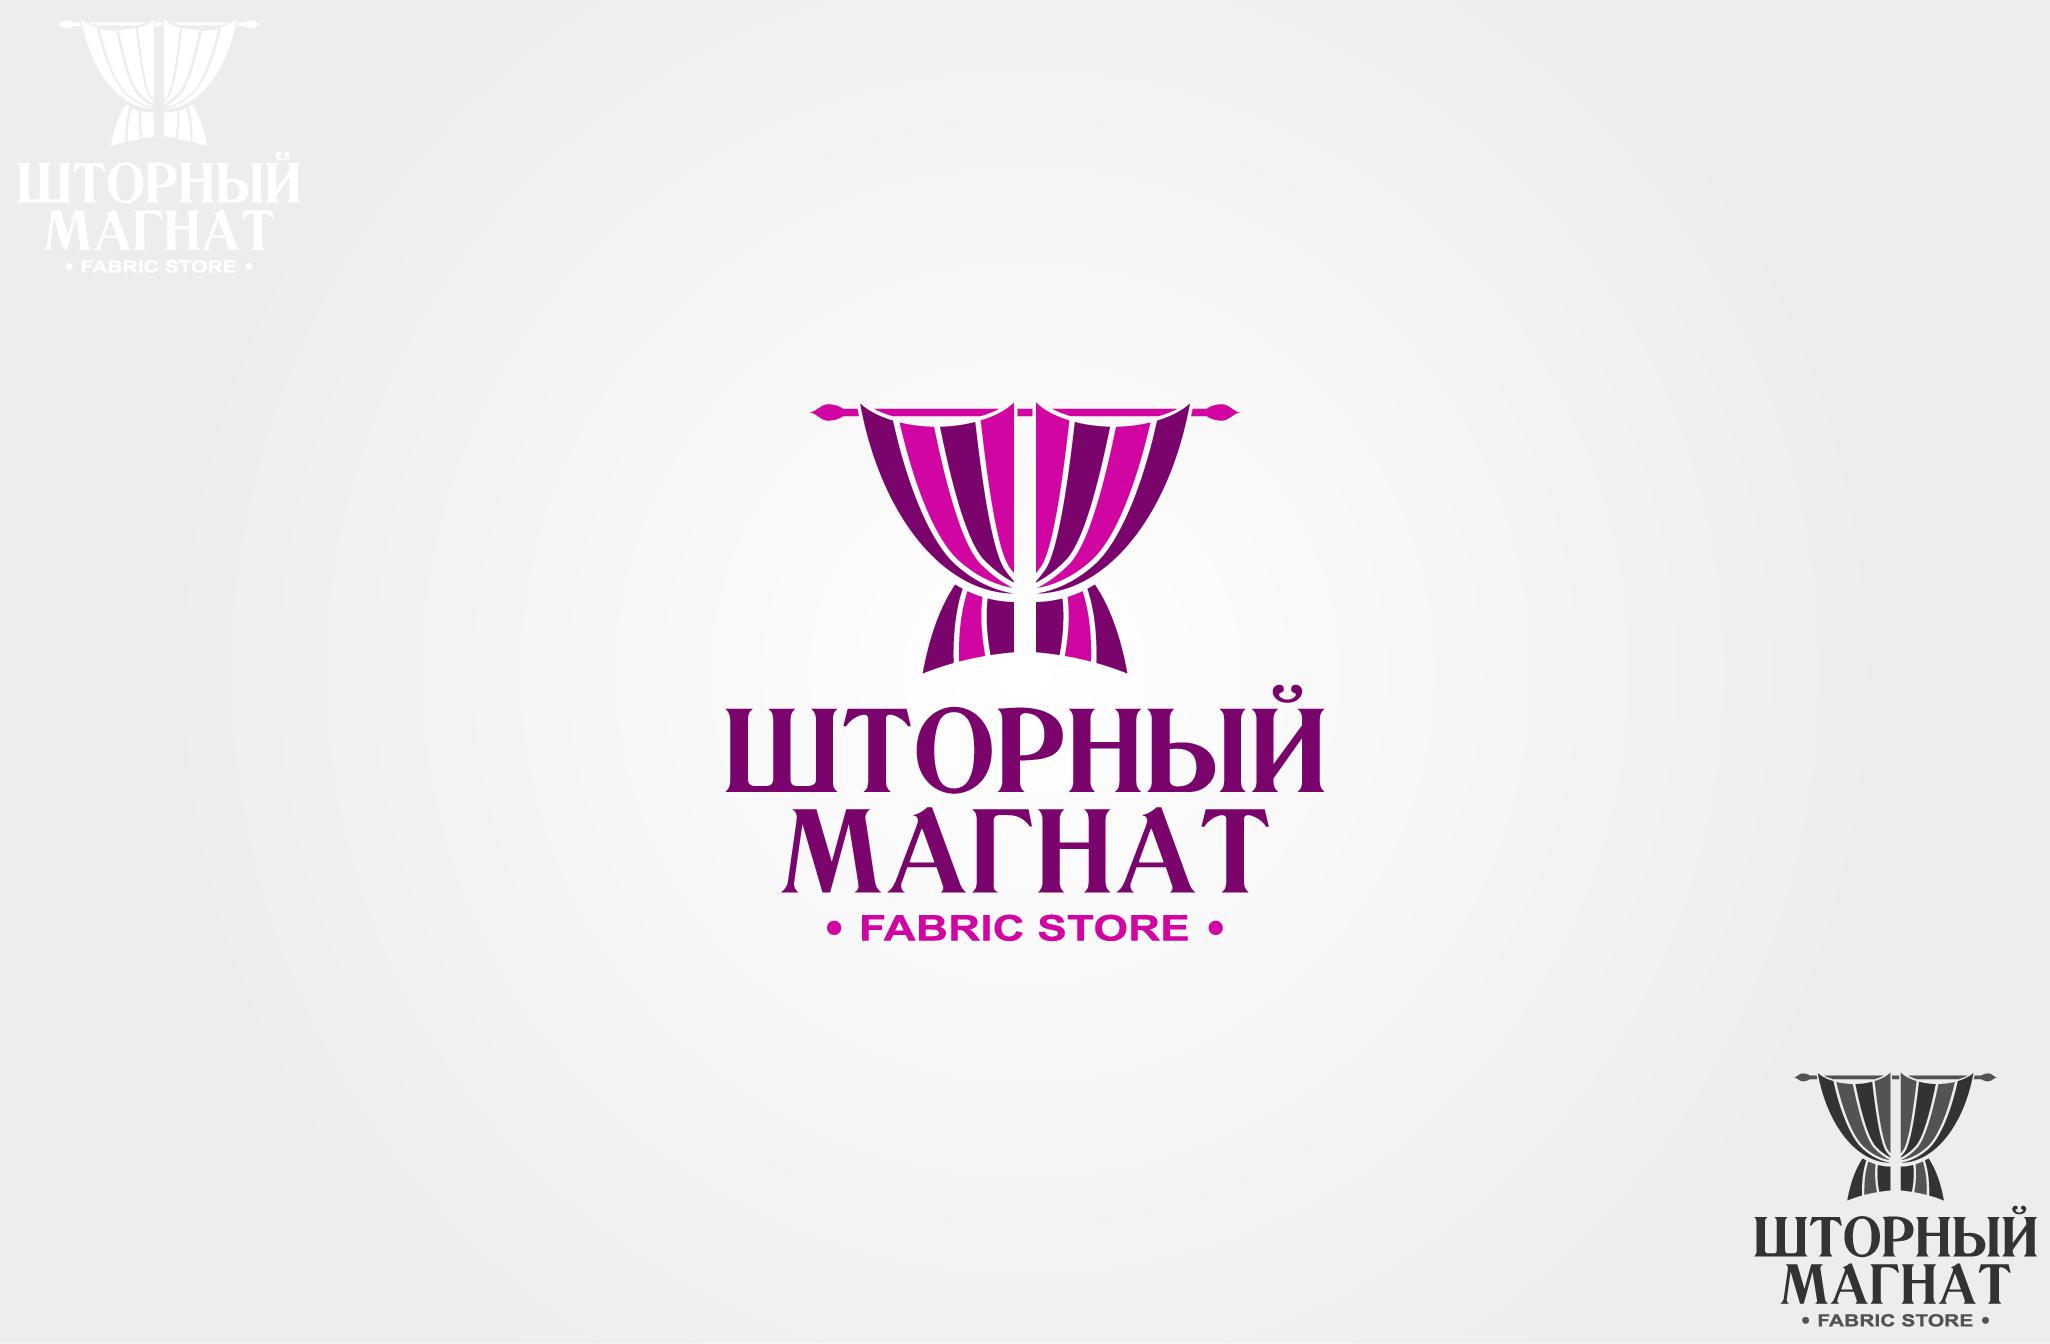 Логотип и фирменный стиль для магазина тканей. фото f_5905cd916702d362.jpg